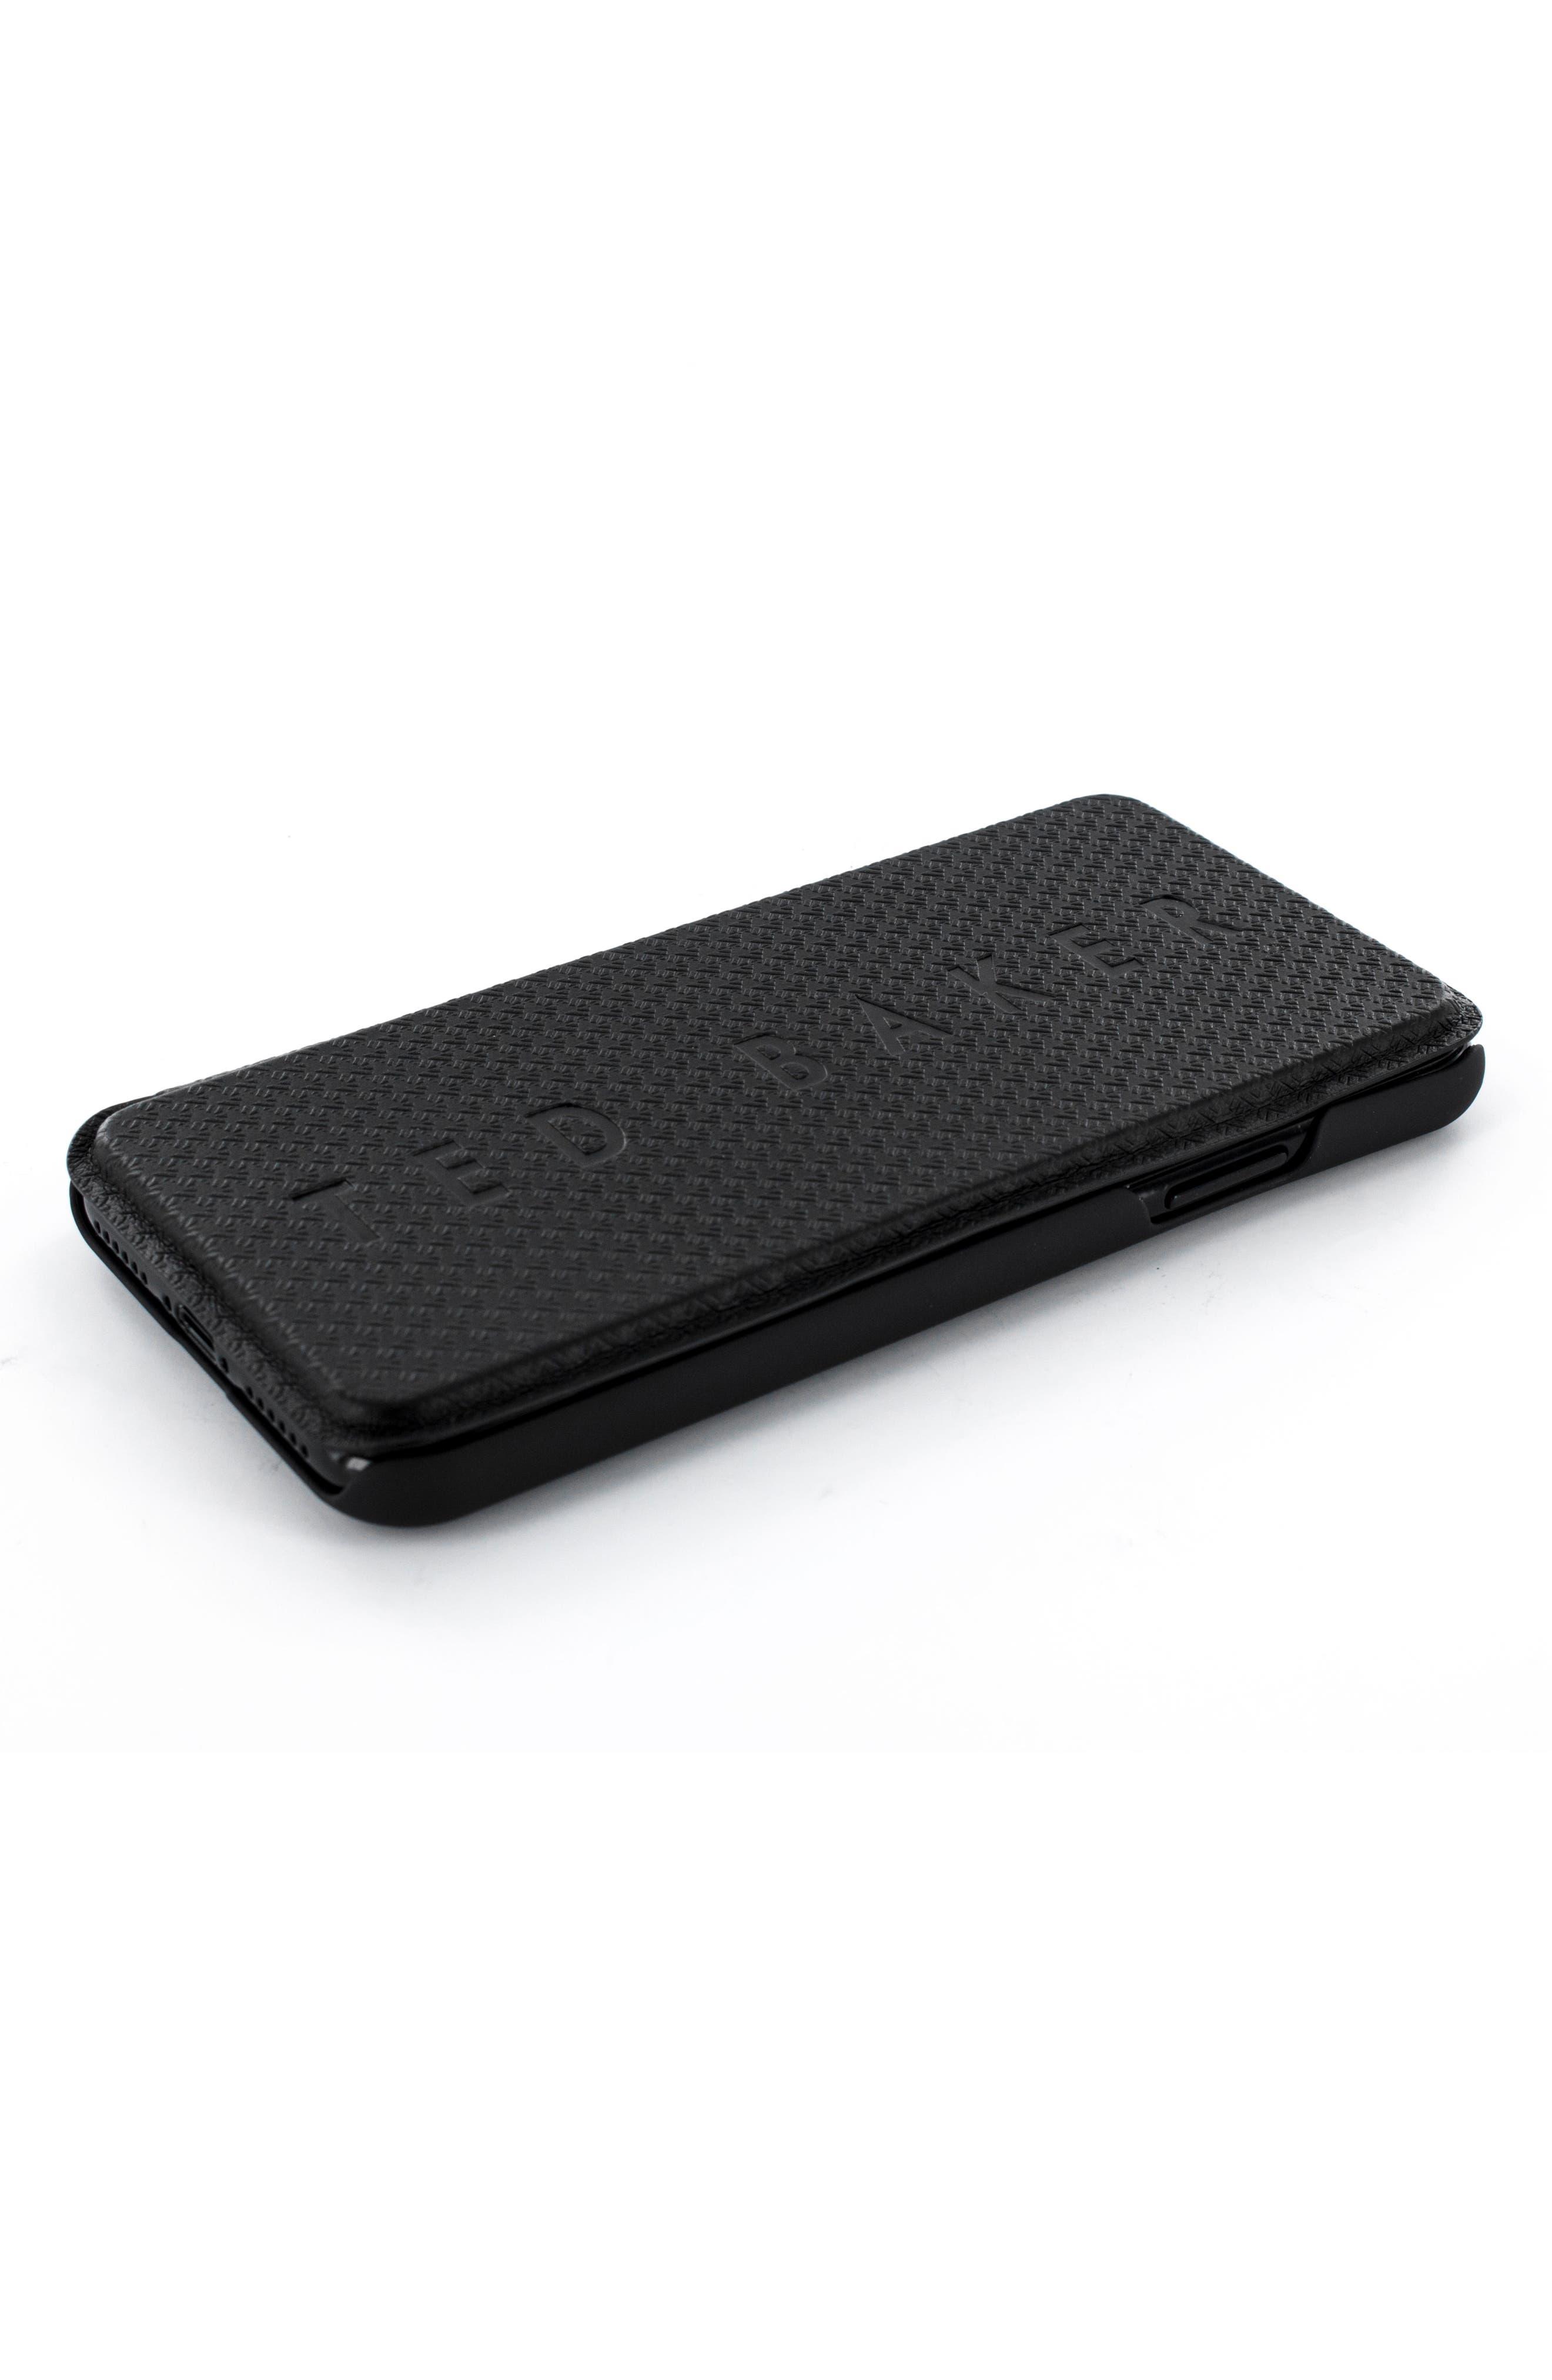 Callst Faux Leather iPhone 6/6s/7/8 Plus Folio Case,                             Alternate thumbnail 3, color,                             BLACK